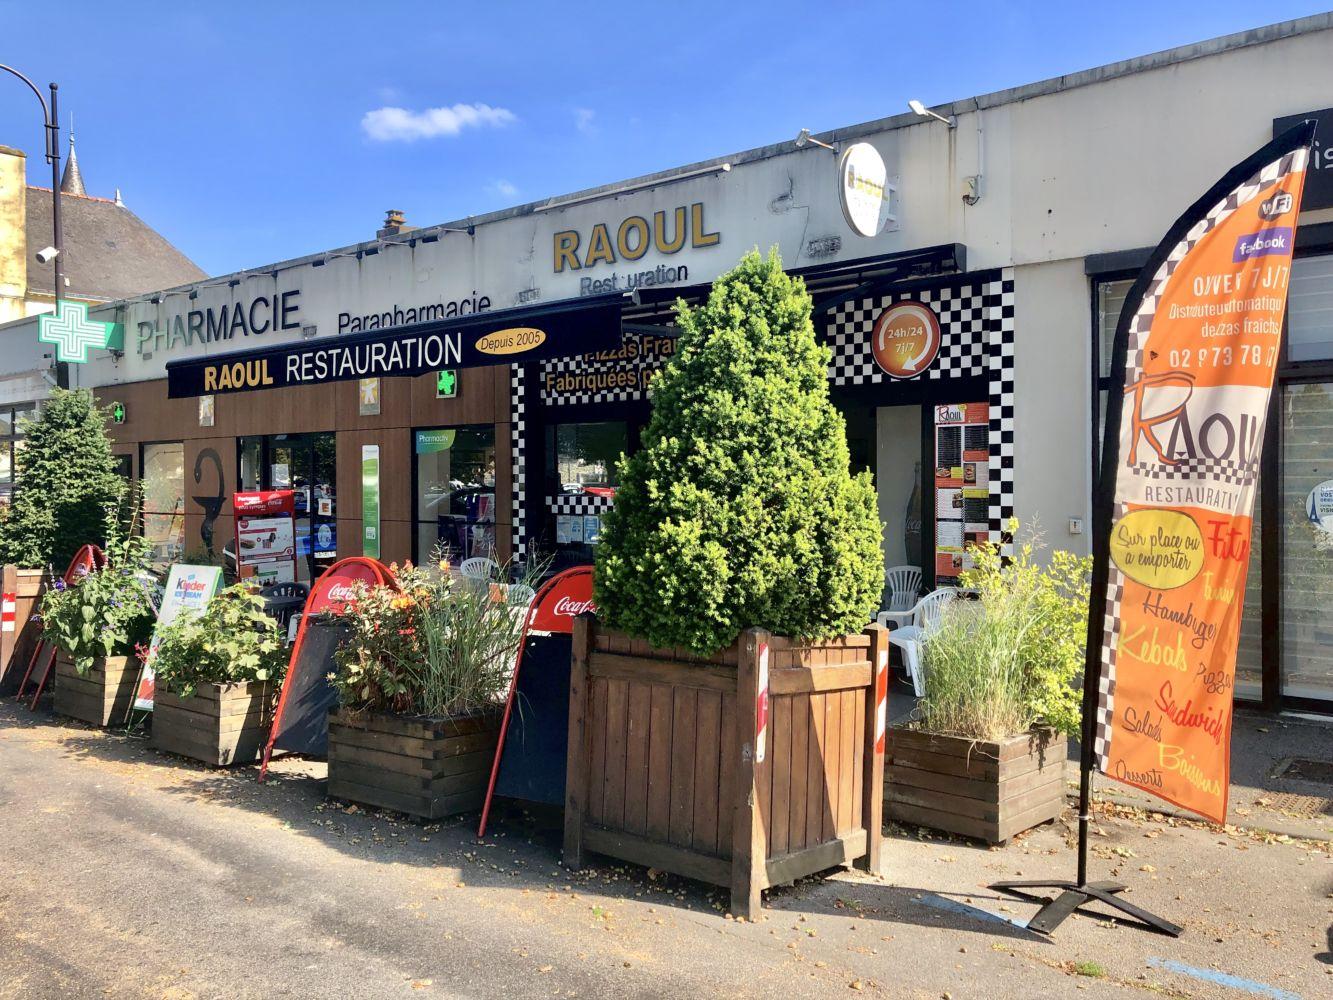 Raoul-Restauration-Pizzeria-Malestroit-Pizza-Burger-Panini-sur-place-a-emporter-livraison-1